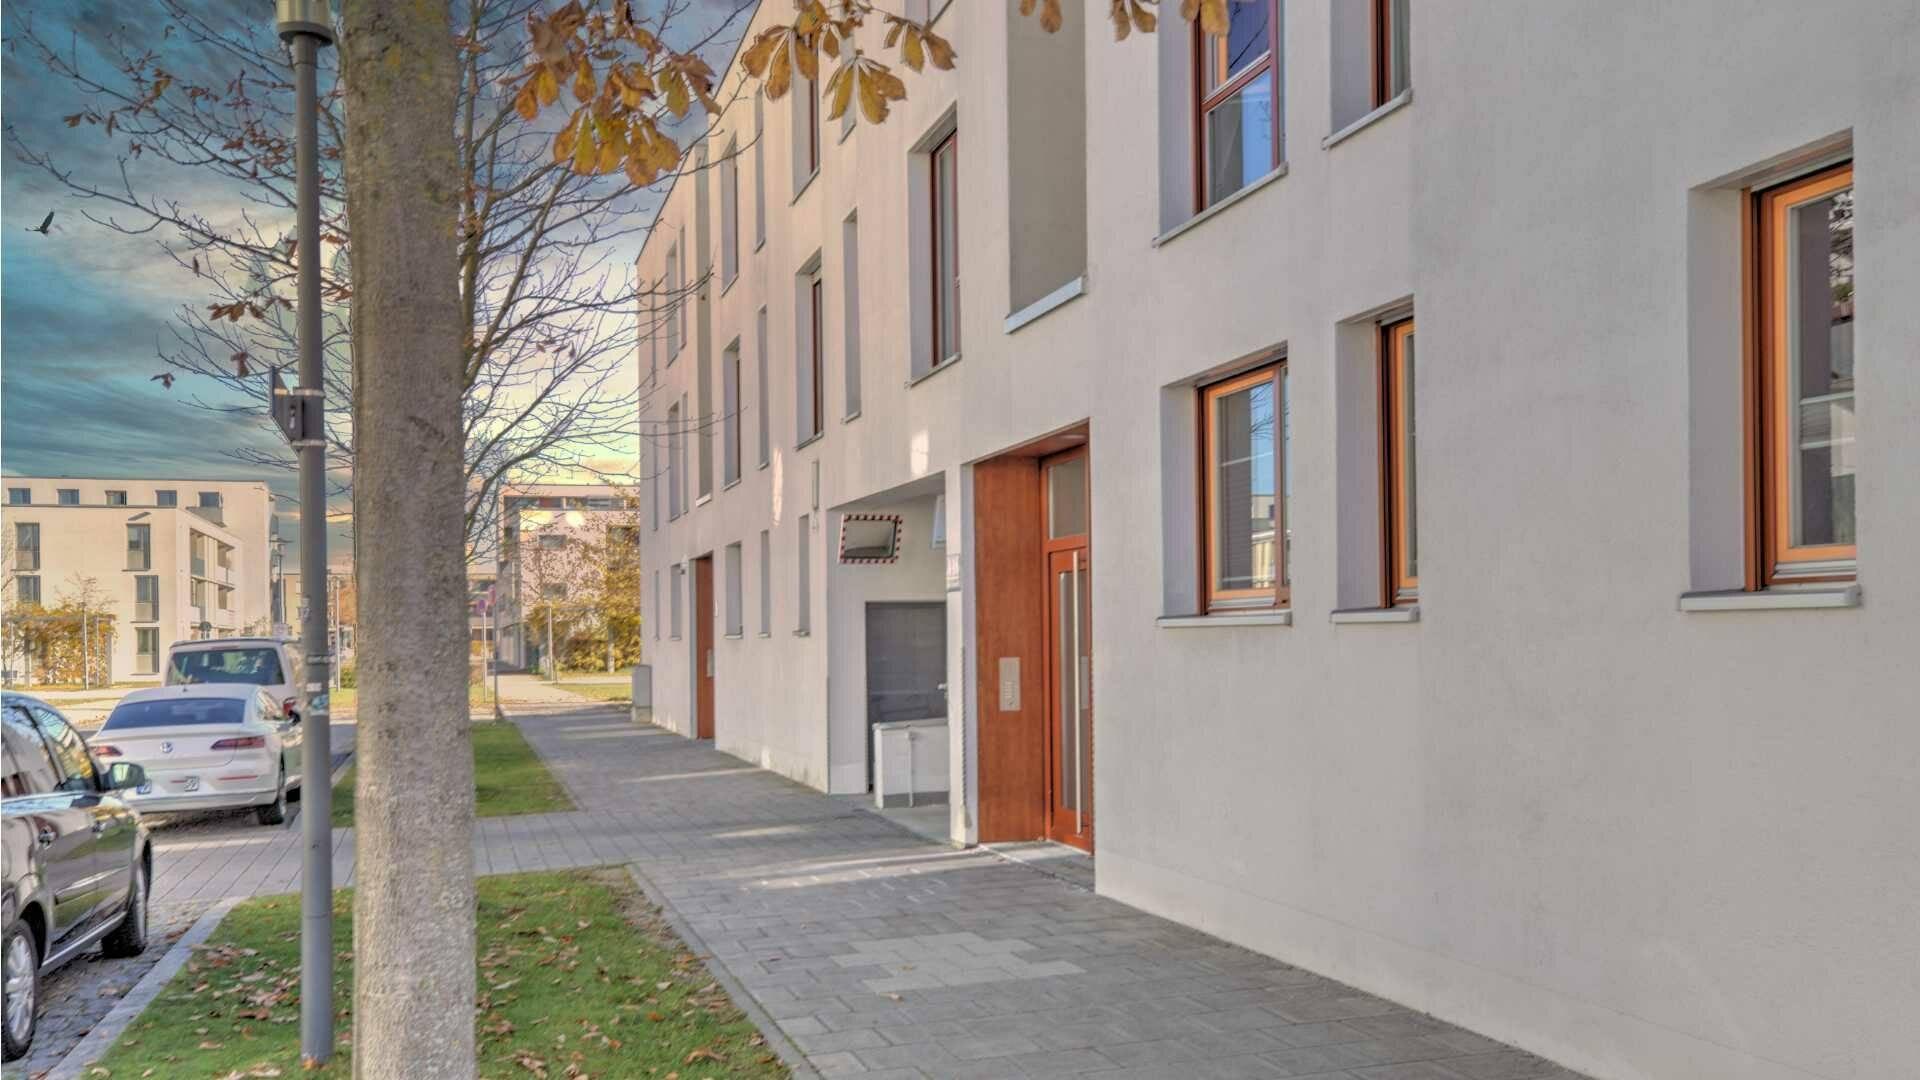 Referenzen Wohnungsverkauf